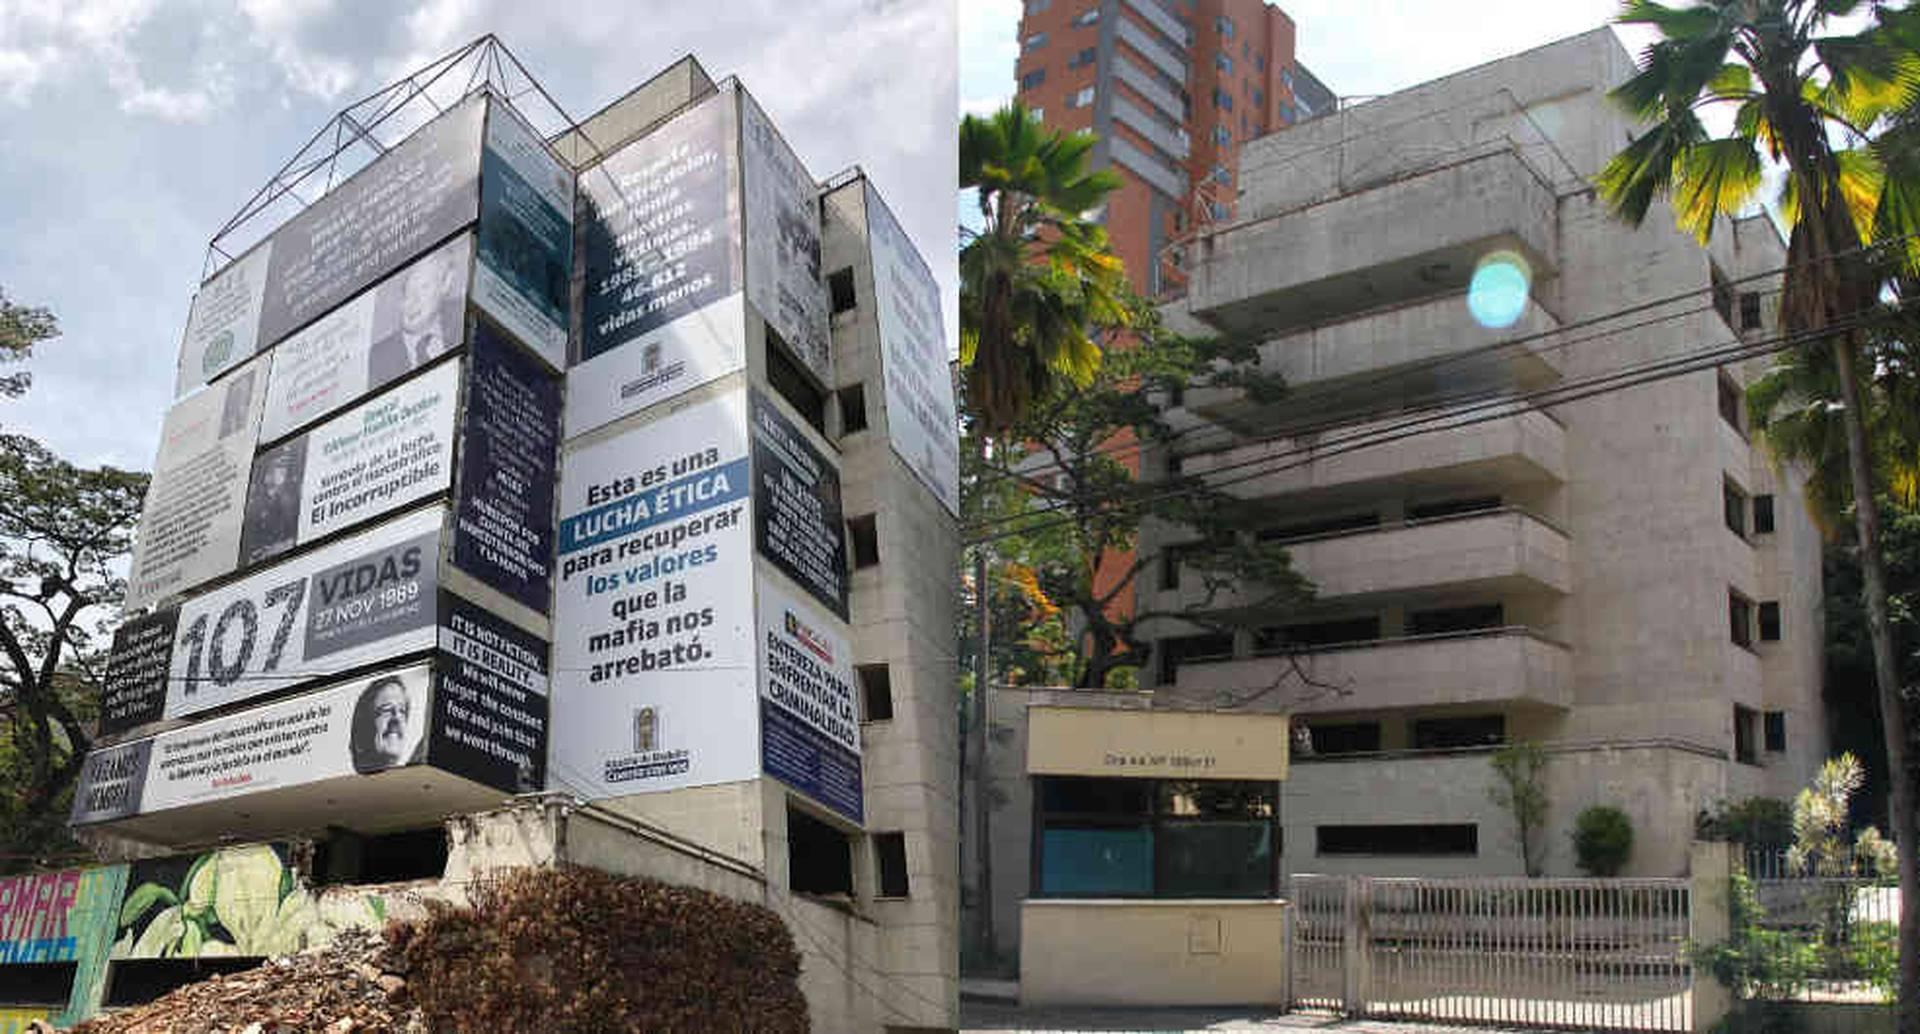 El alcalde de Medellín, Federico Gutiérrez, decidió tumbar el edificio Mónaco que perteneció a Pablo Escobar para construir un memorial a la víctimas del narcotráfico.